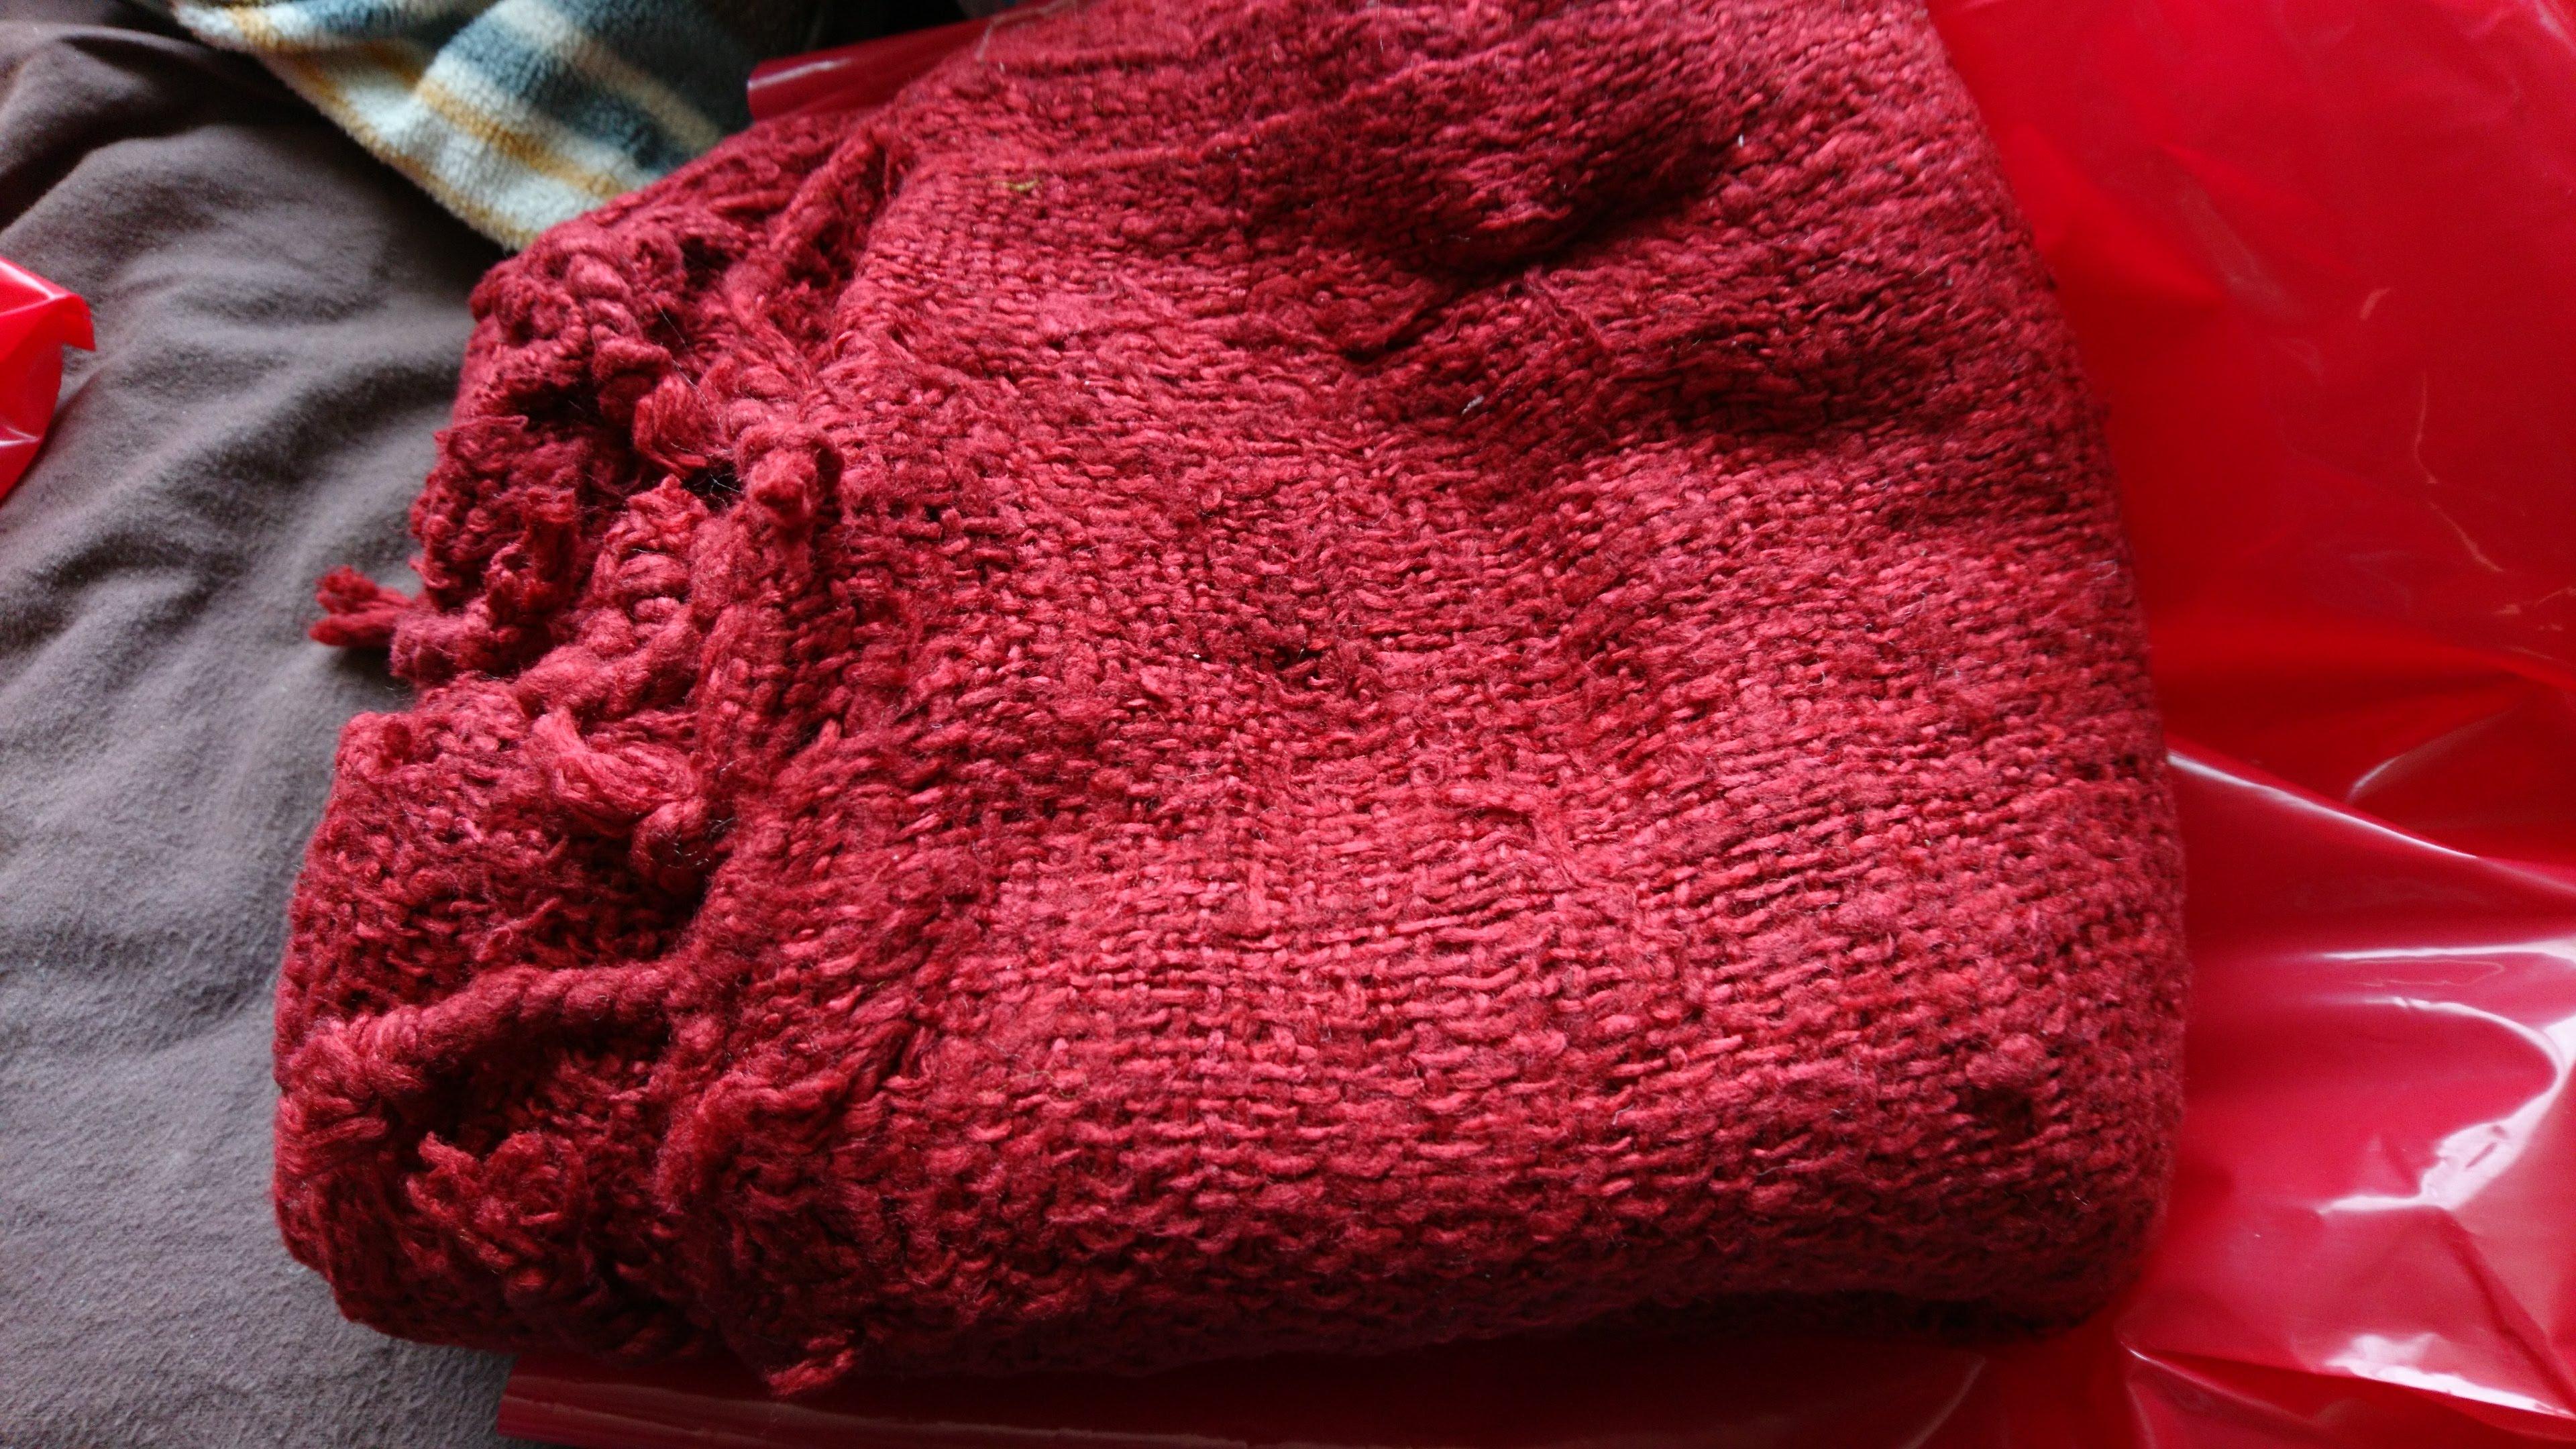 [ニャサ村] 手紡ぎ、手織り、極太スパンシルクストール